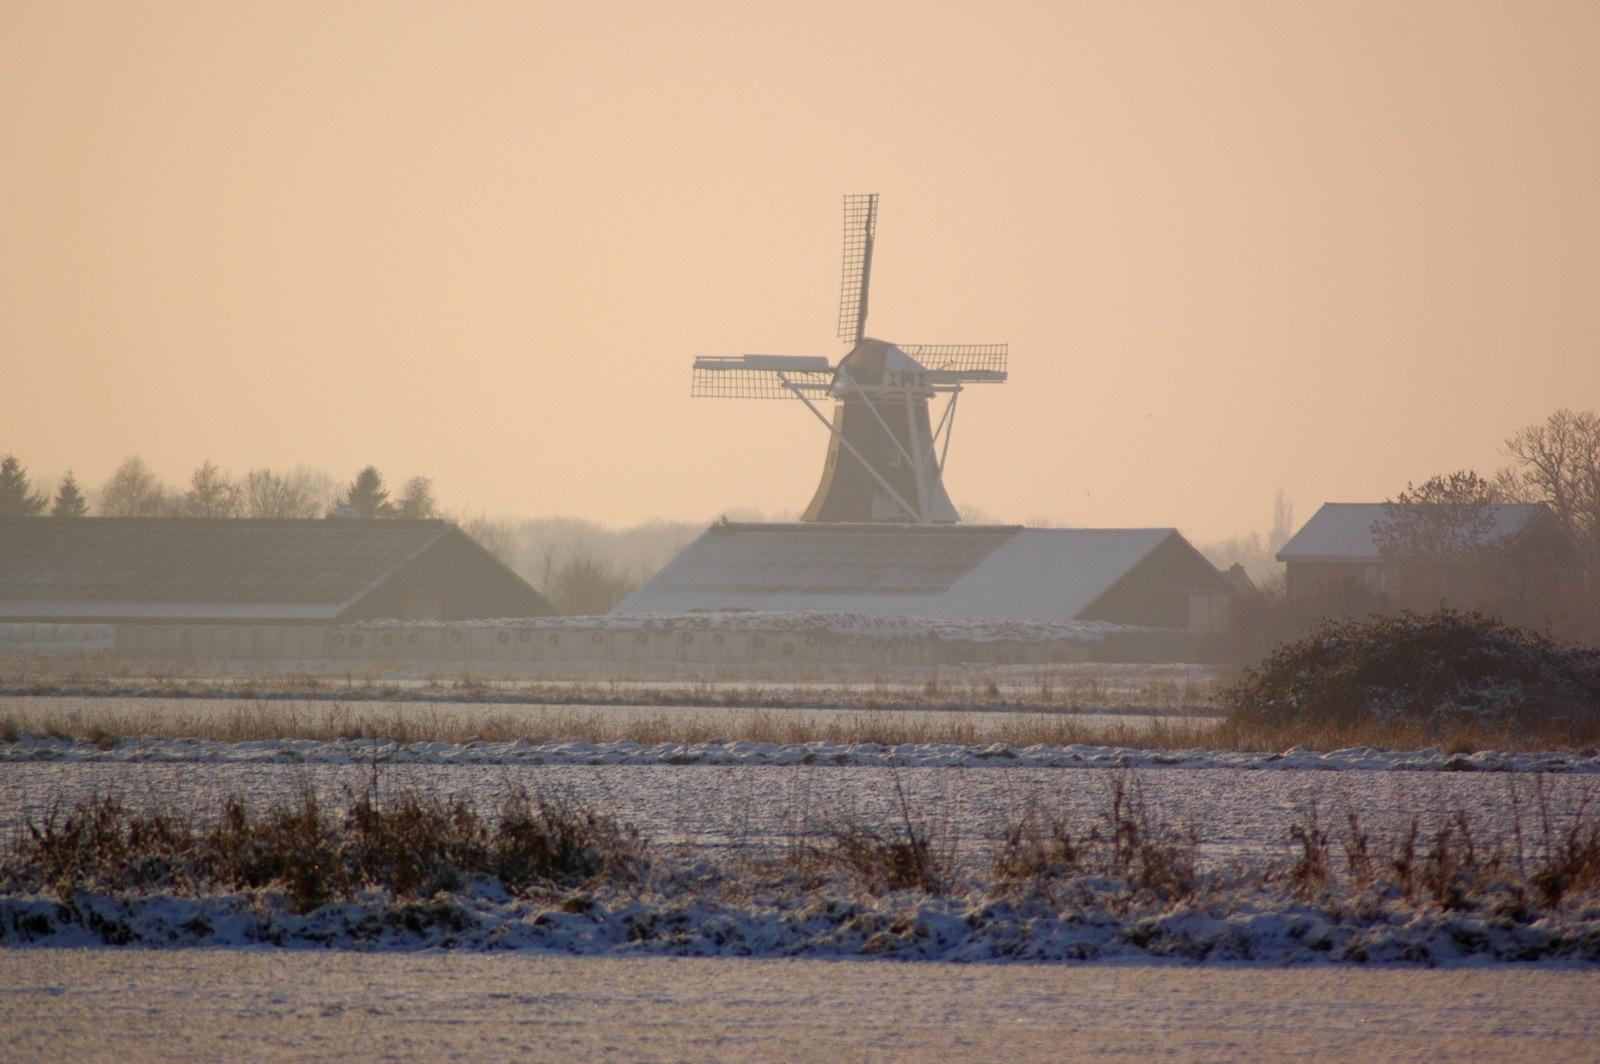 Mill in Holland by Jacob van der Veen